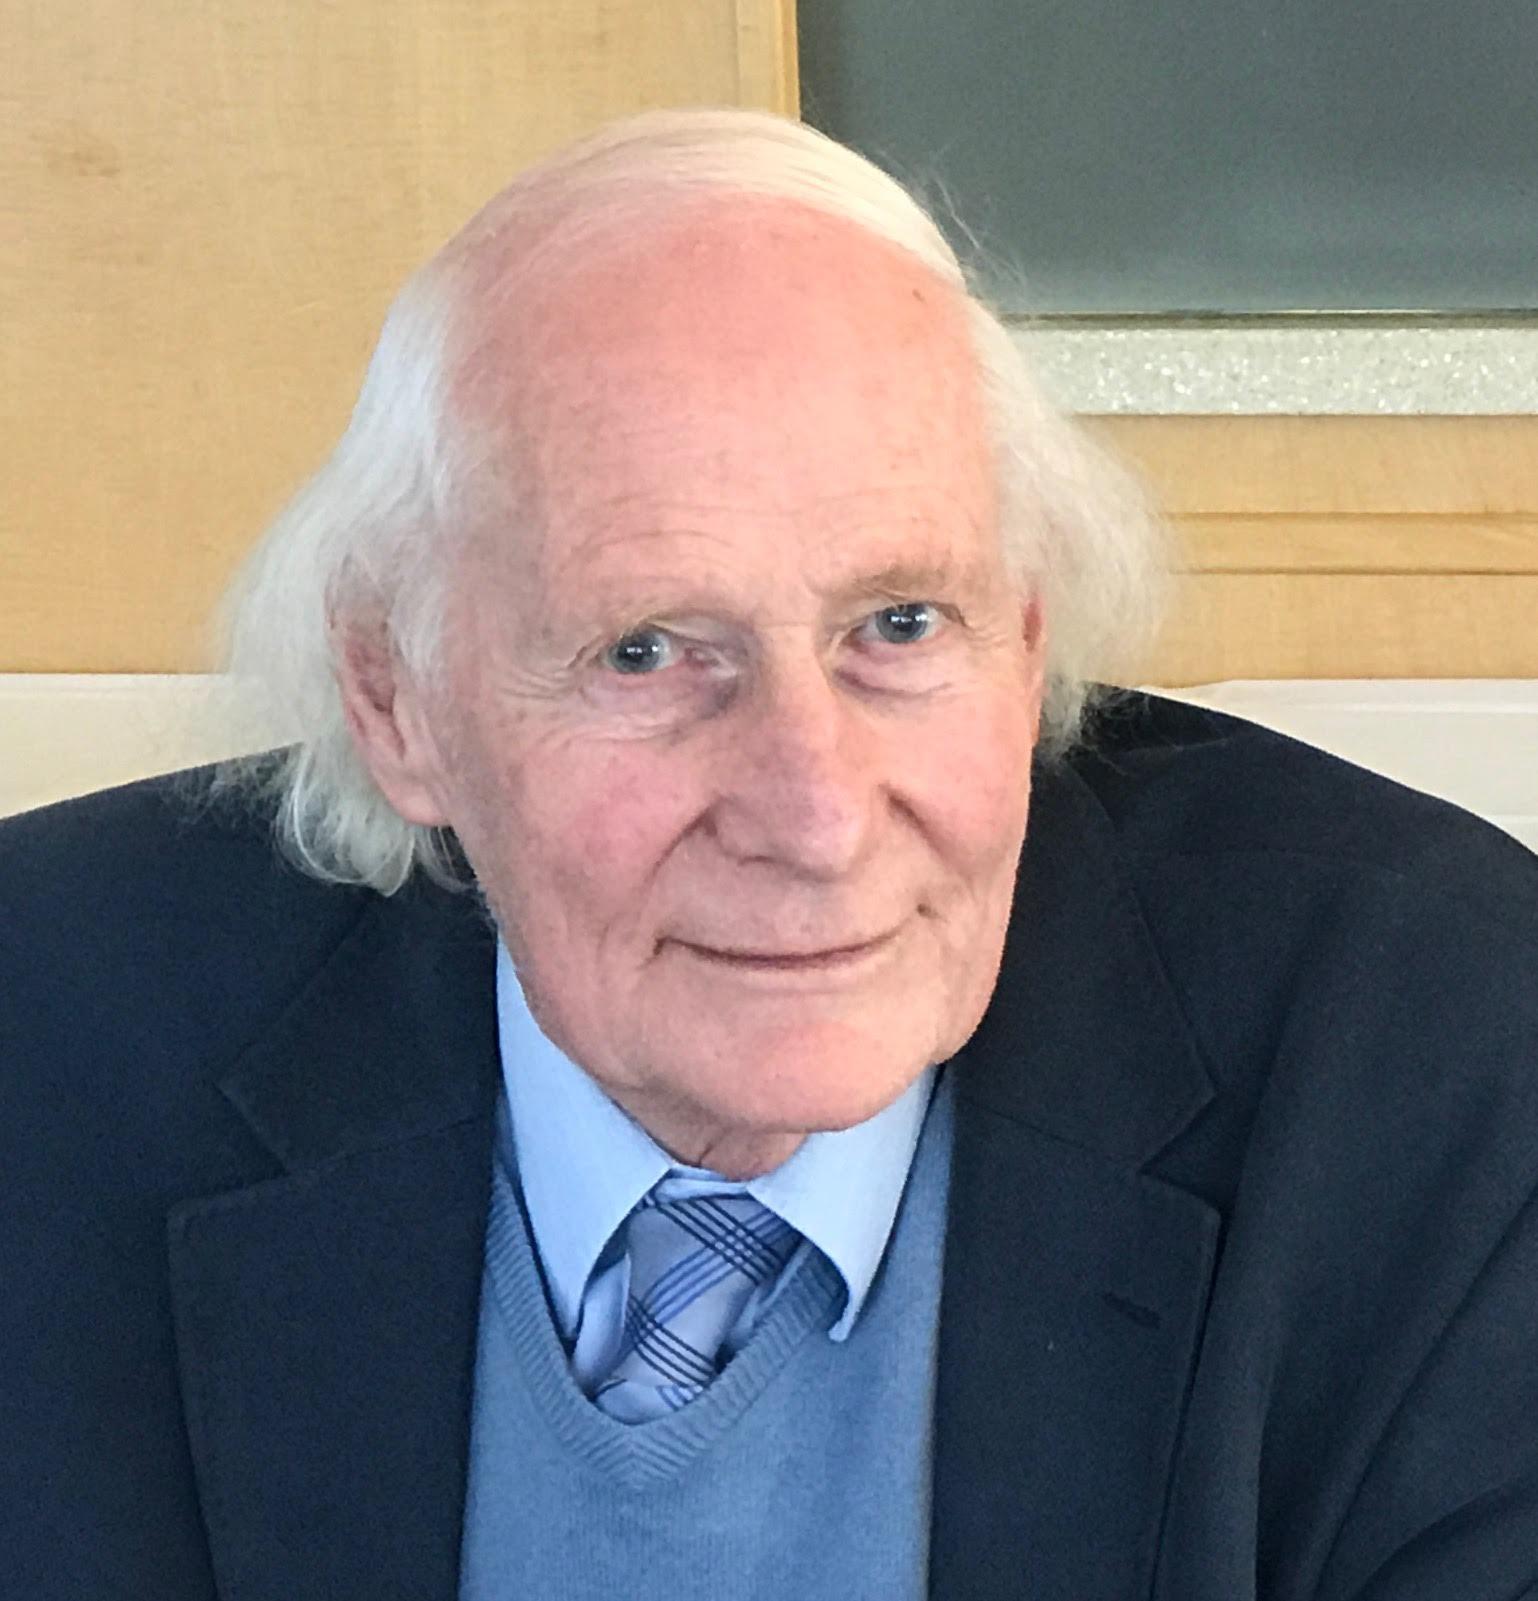 Peter Fenwicke